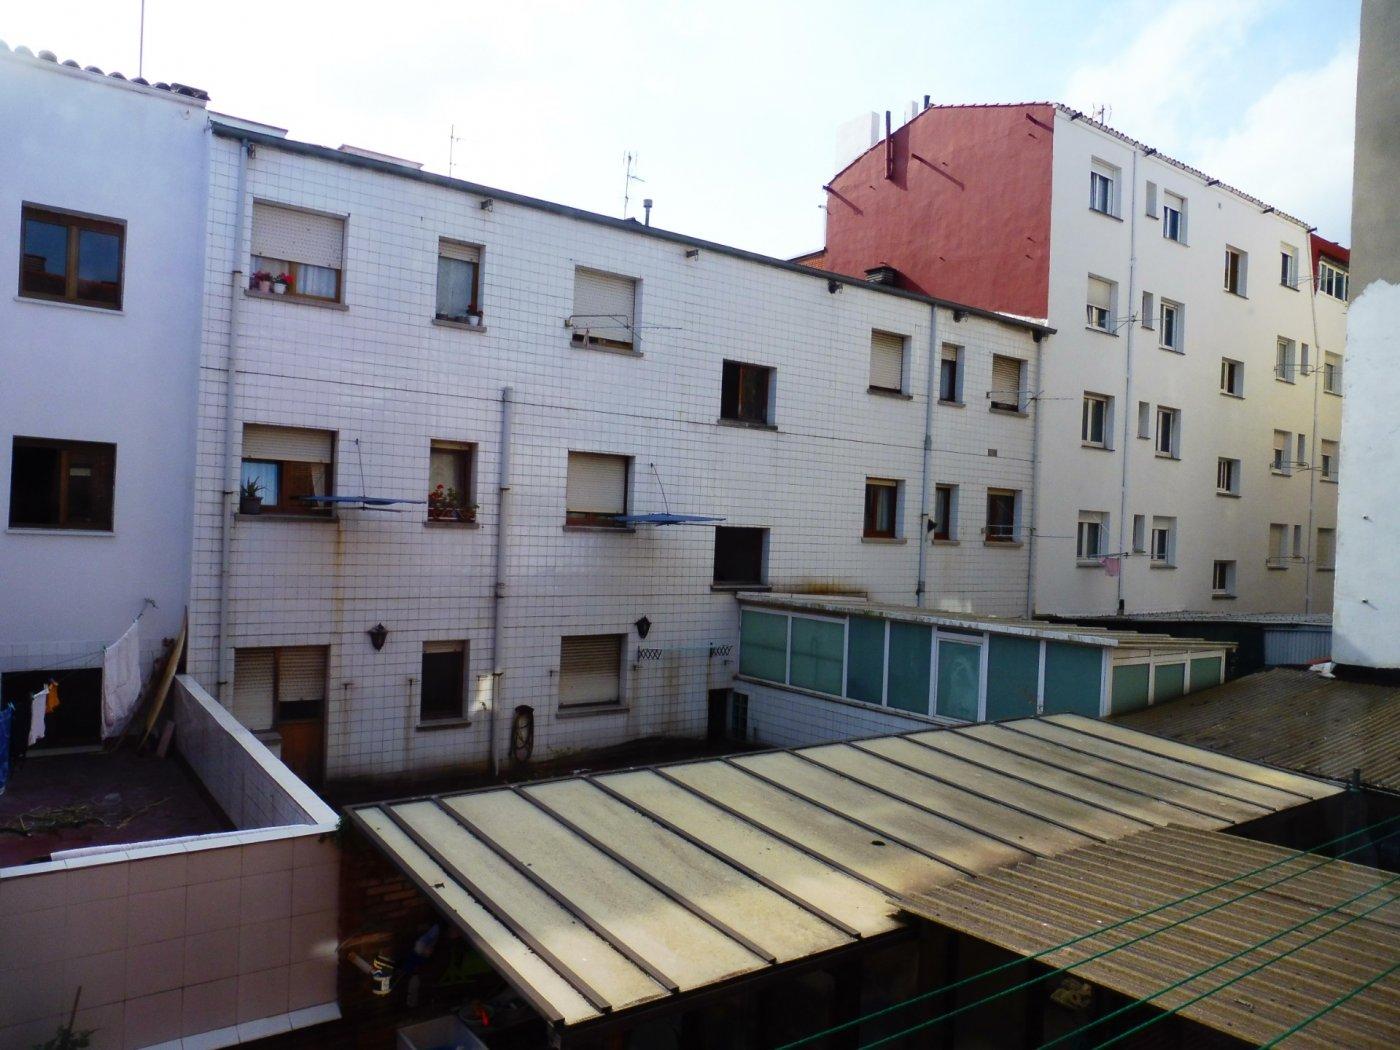 Amplio piso enfrente del centro de salud de perchera en nuevo gijón - imagenInmueble7